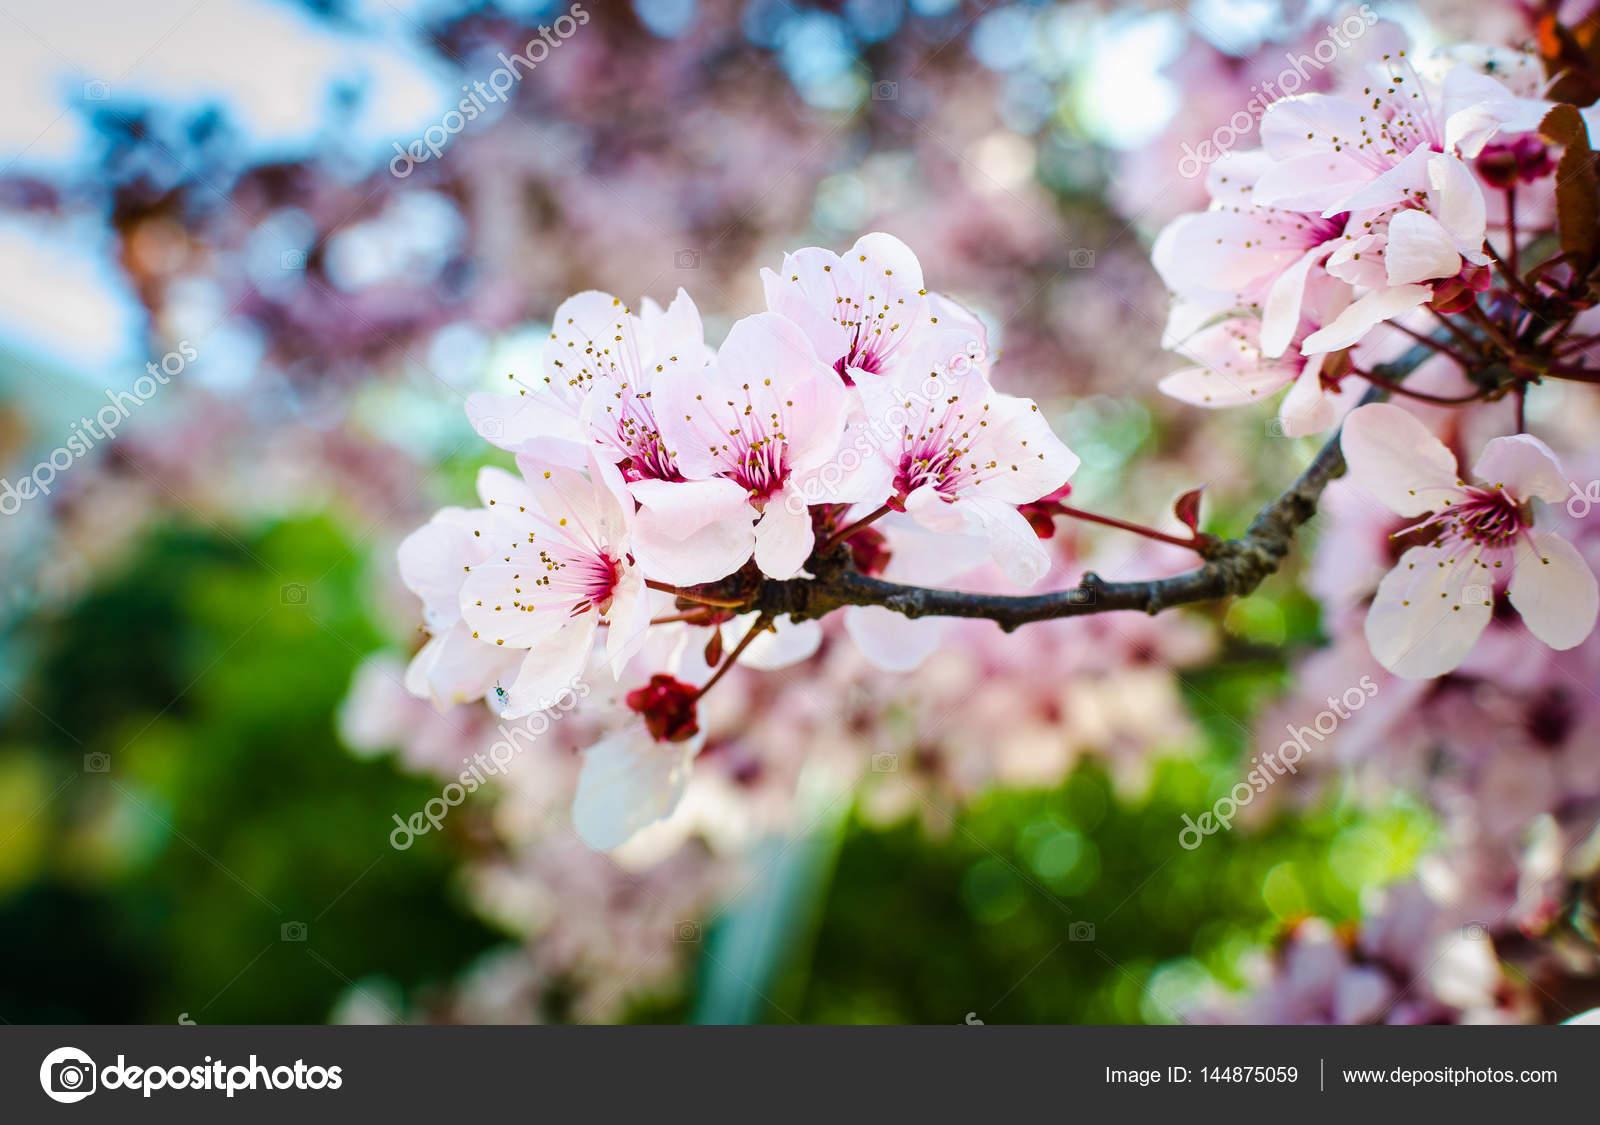 Albero di fioritura in primavera fiori rosa freschi sul ramo